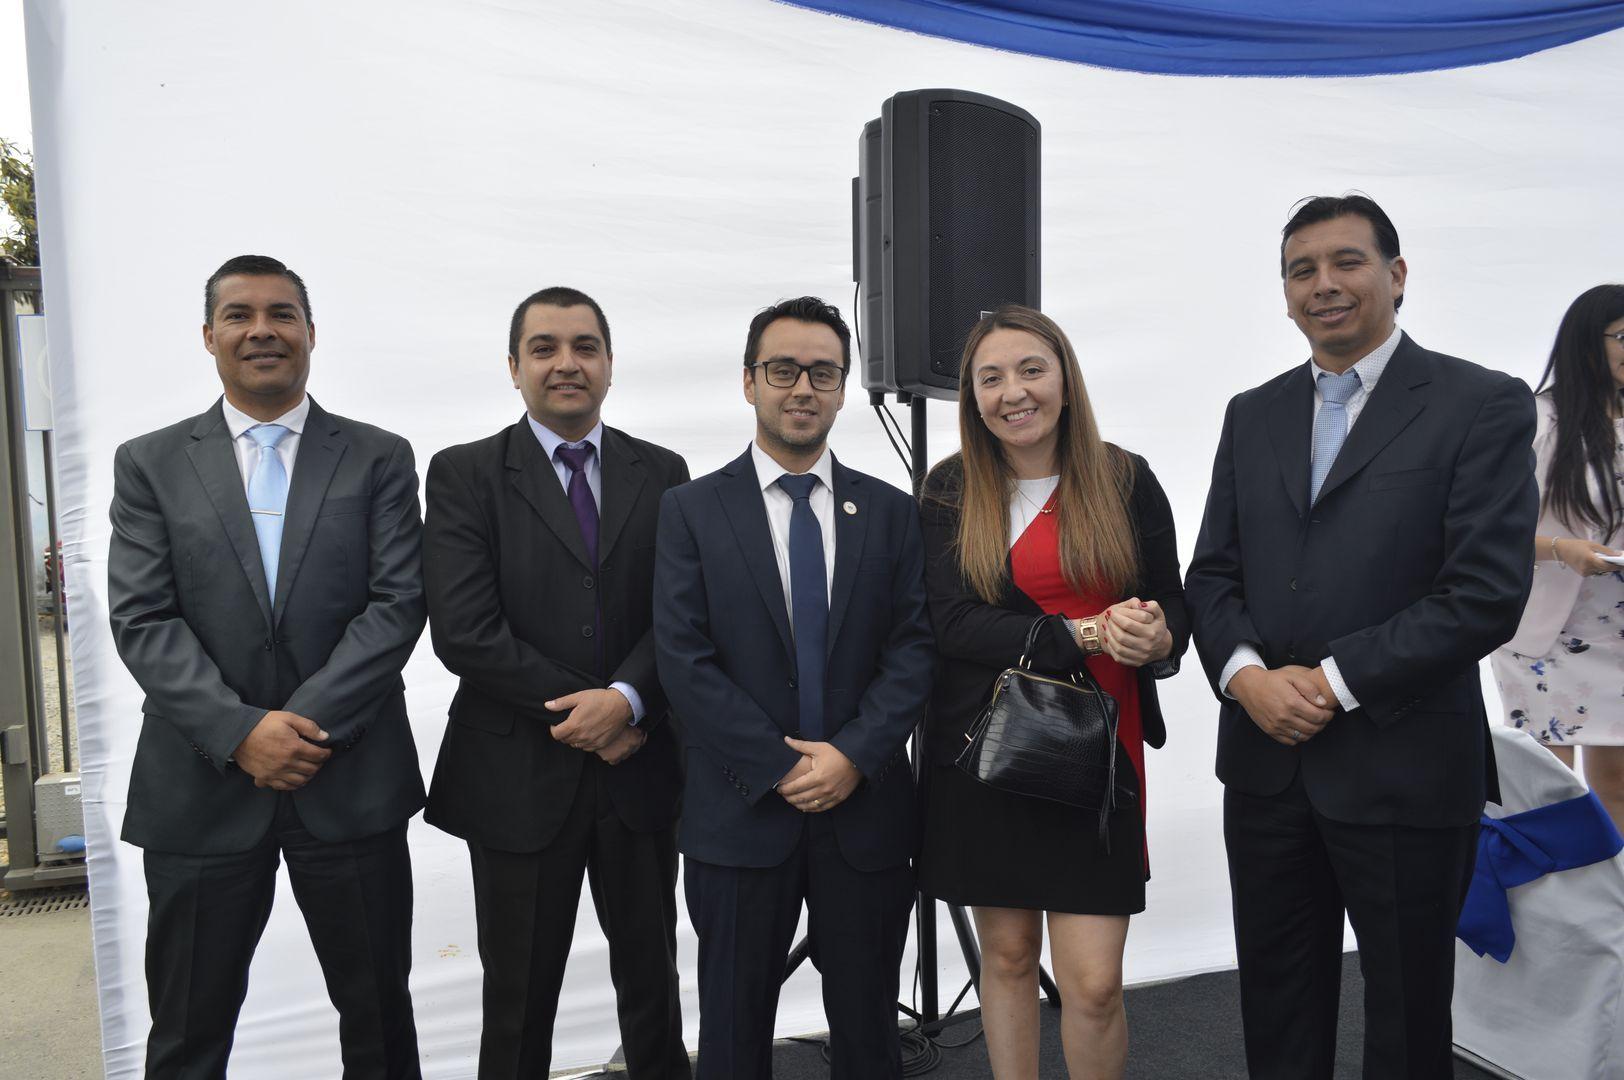 Marcelo Cea, Mauricio López, Gustavo Andrades, Antonieta Sills y José Figueroa